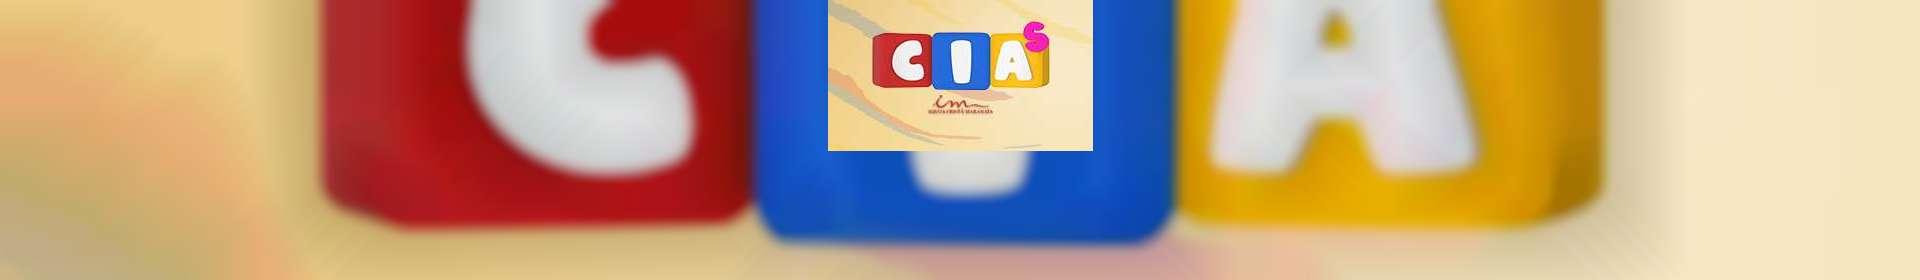 Aula de CIAS: classe de 07 a 11 anos - 30 de abril de 2020